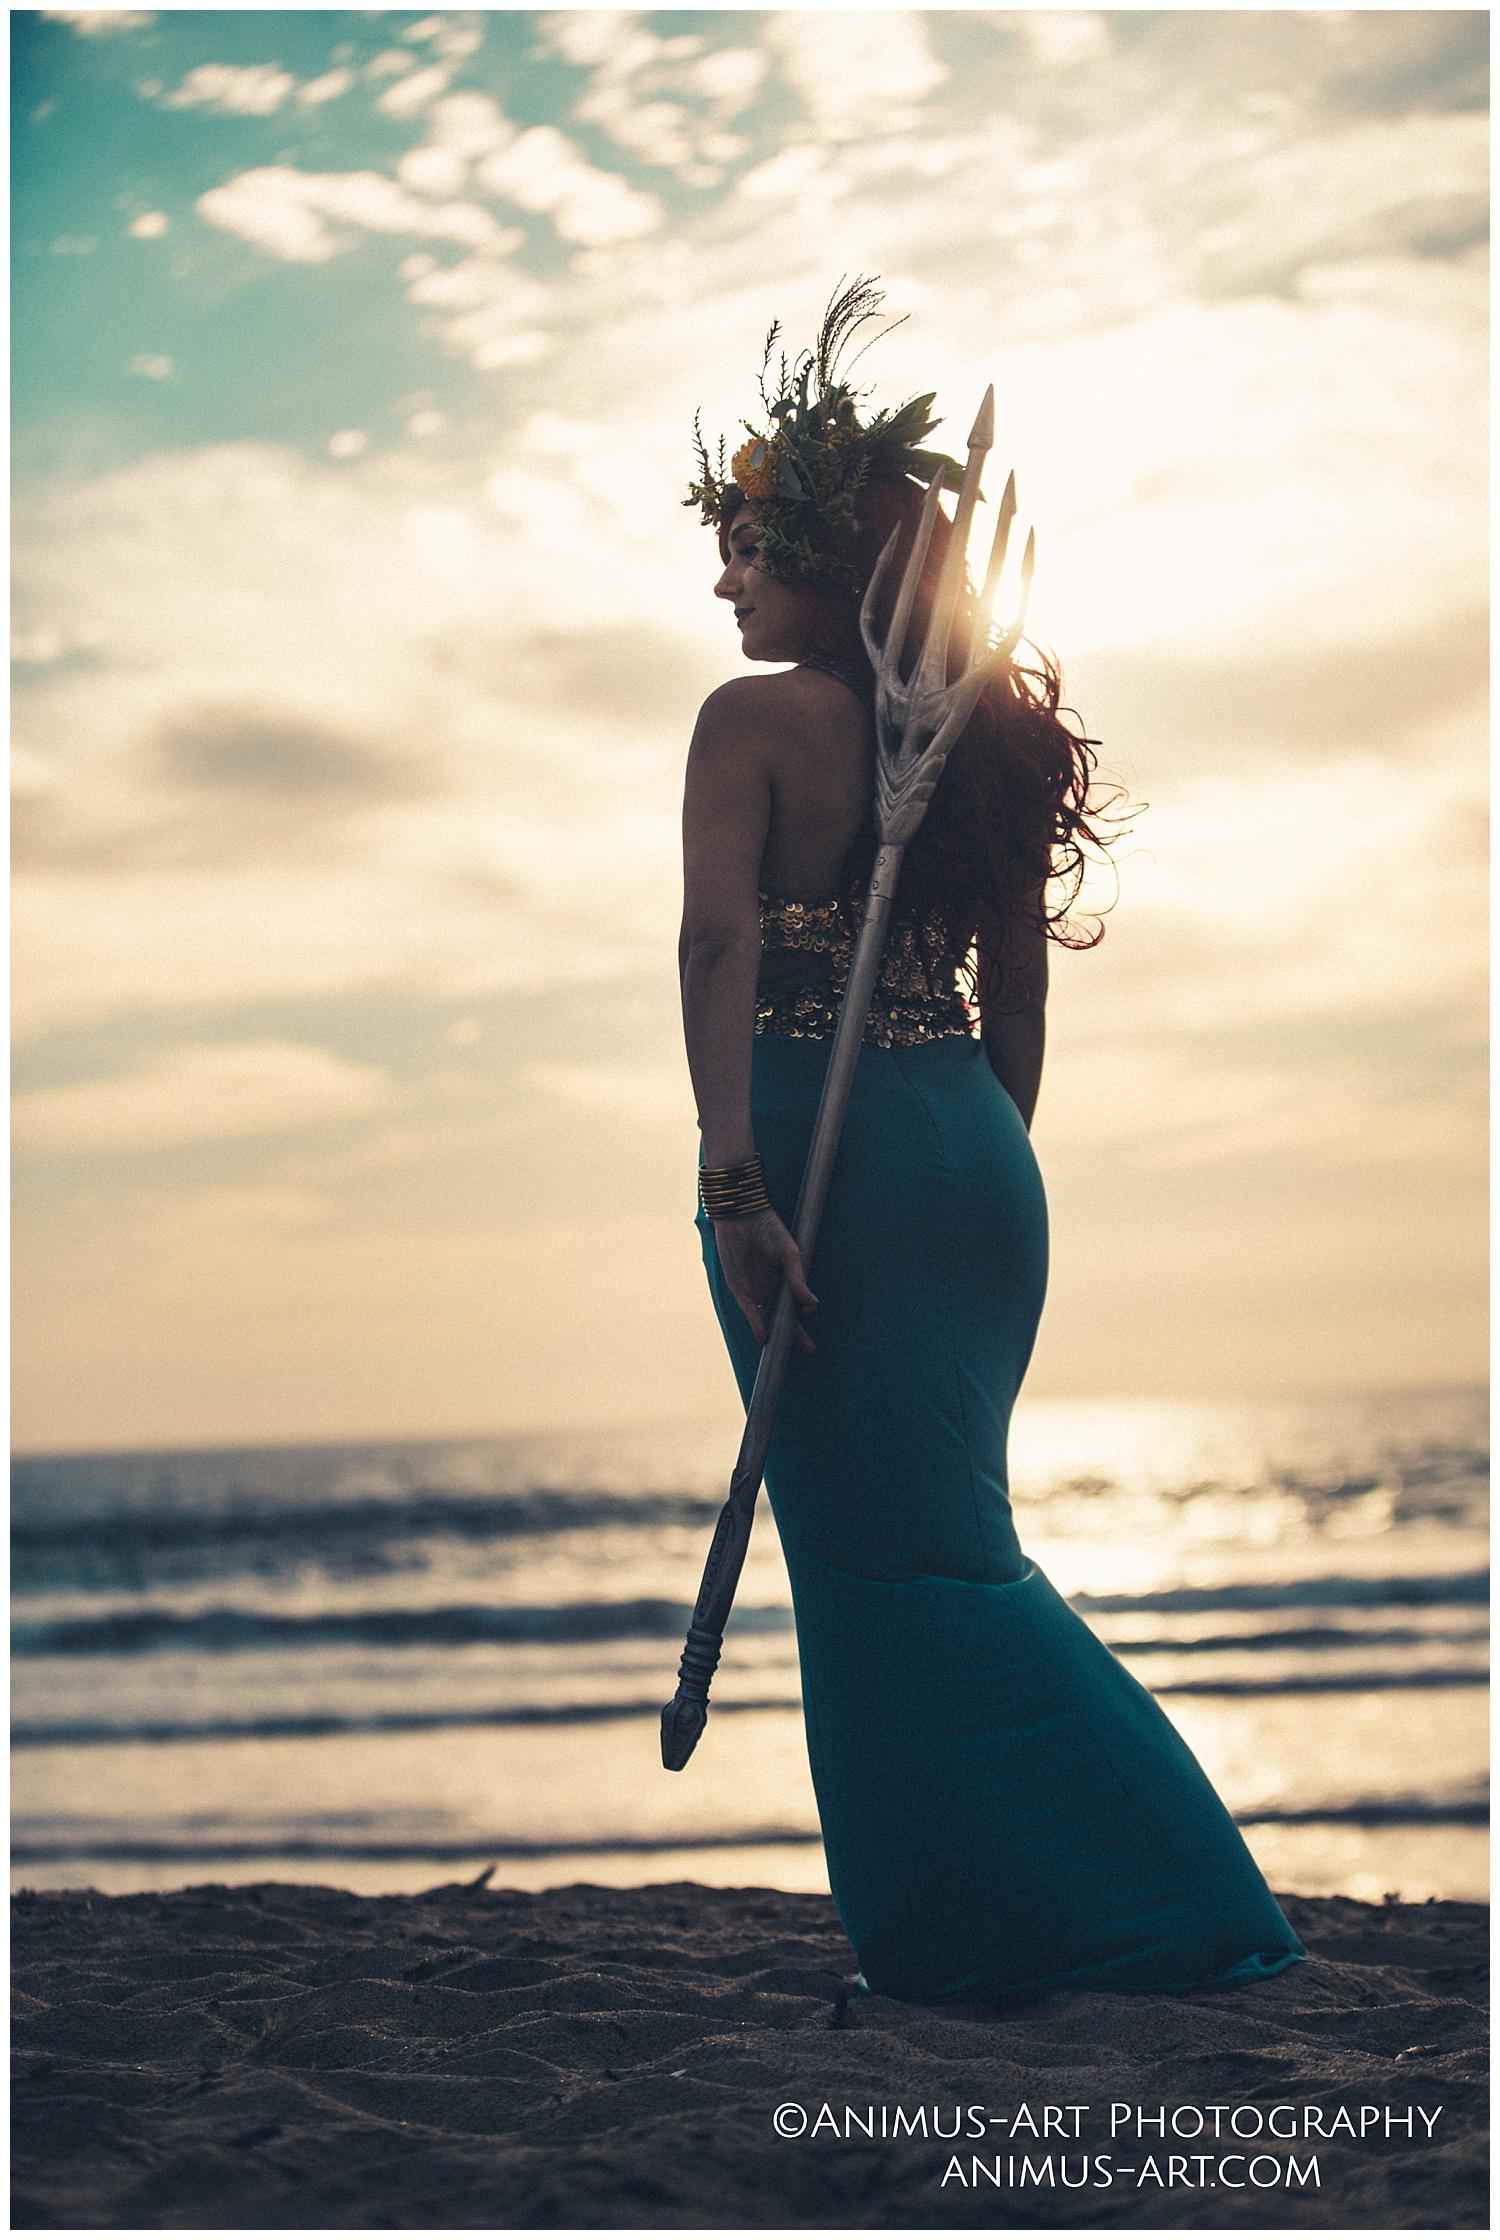 Mera with Trident Aquaman Inspired Beach Shoot.jpg